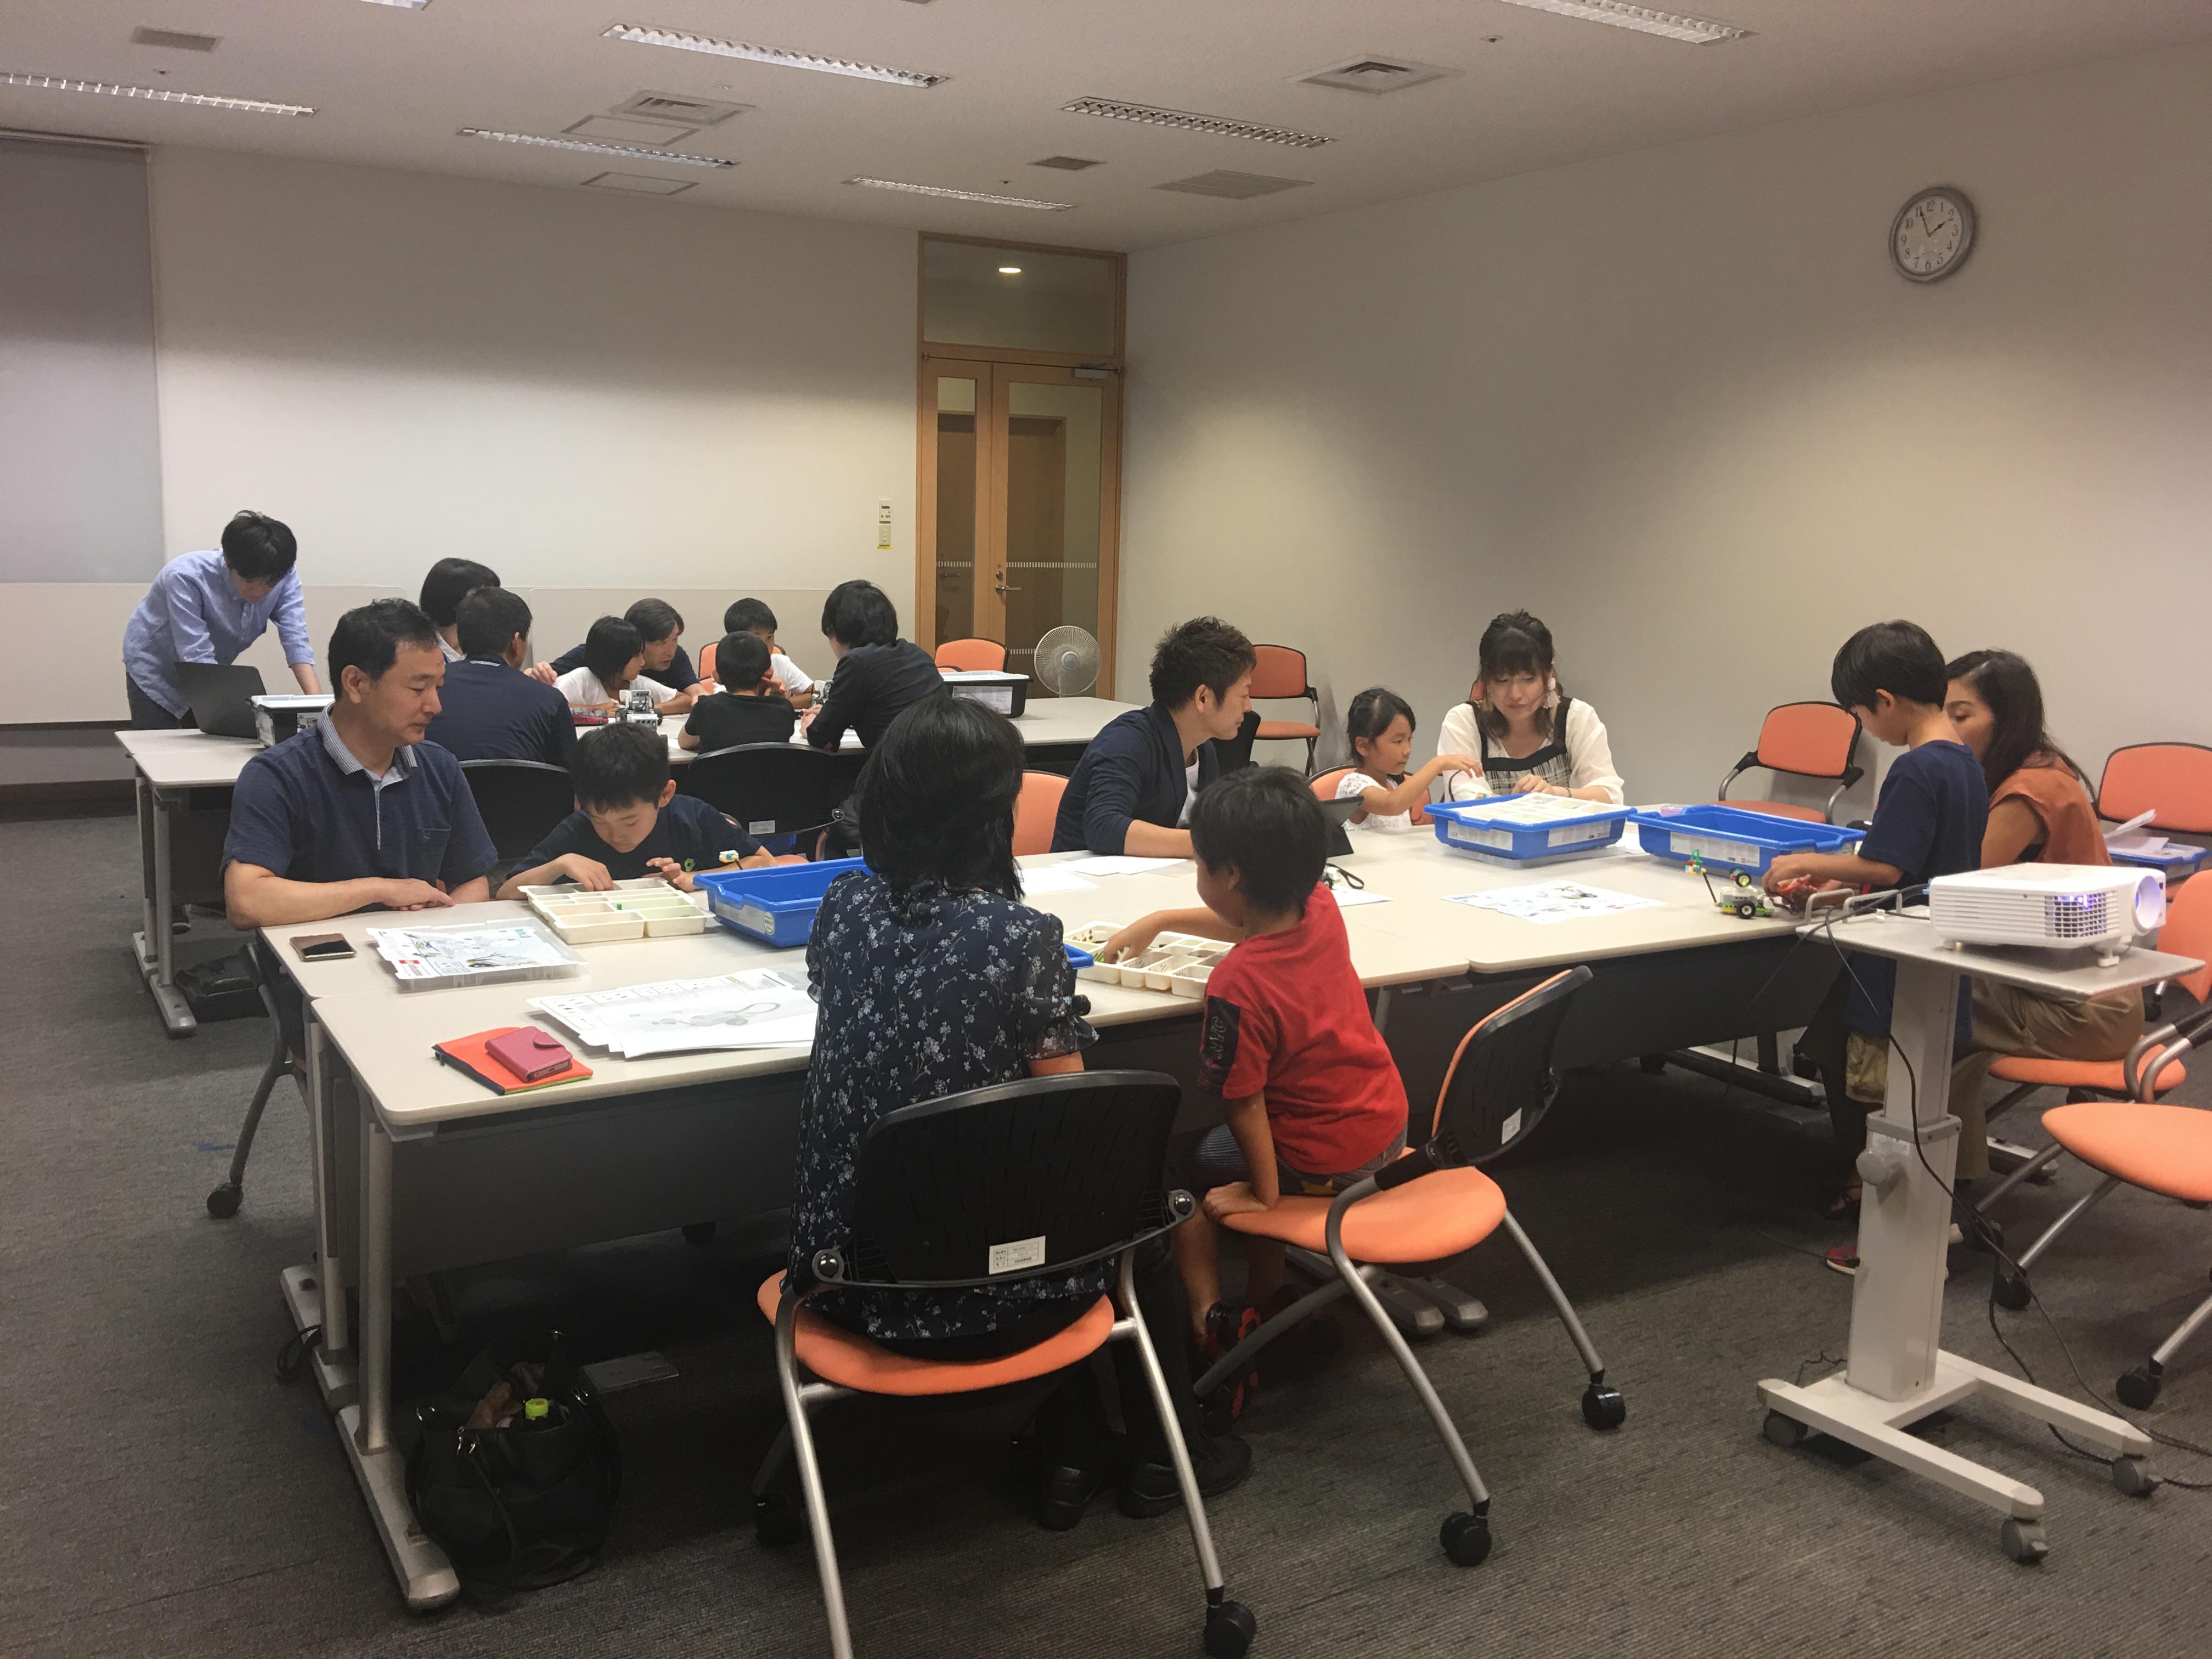 01ワークショップ・ラボ こどもプログラミング教室無料体験会を開催しました。